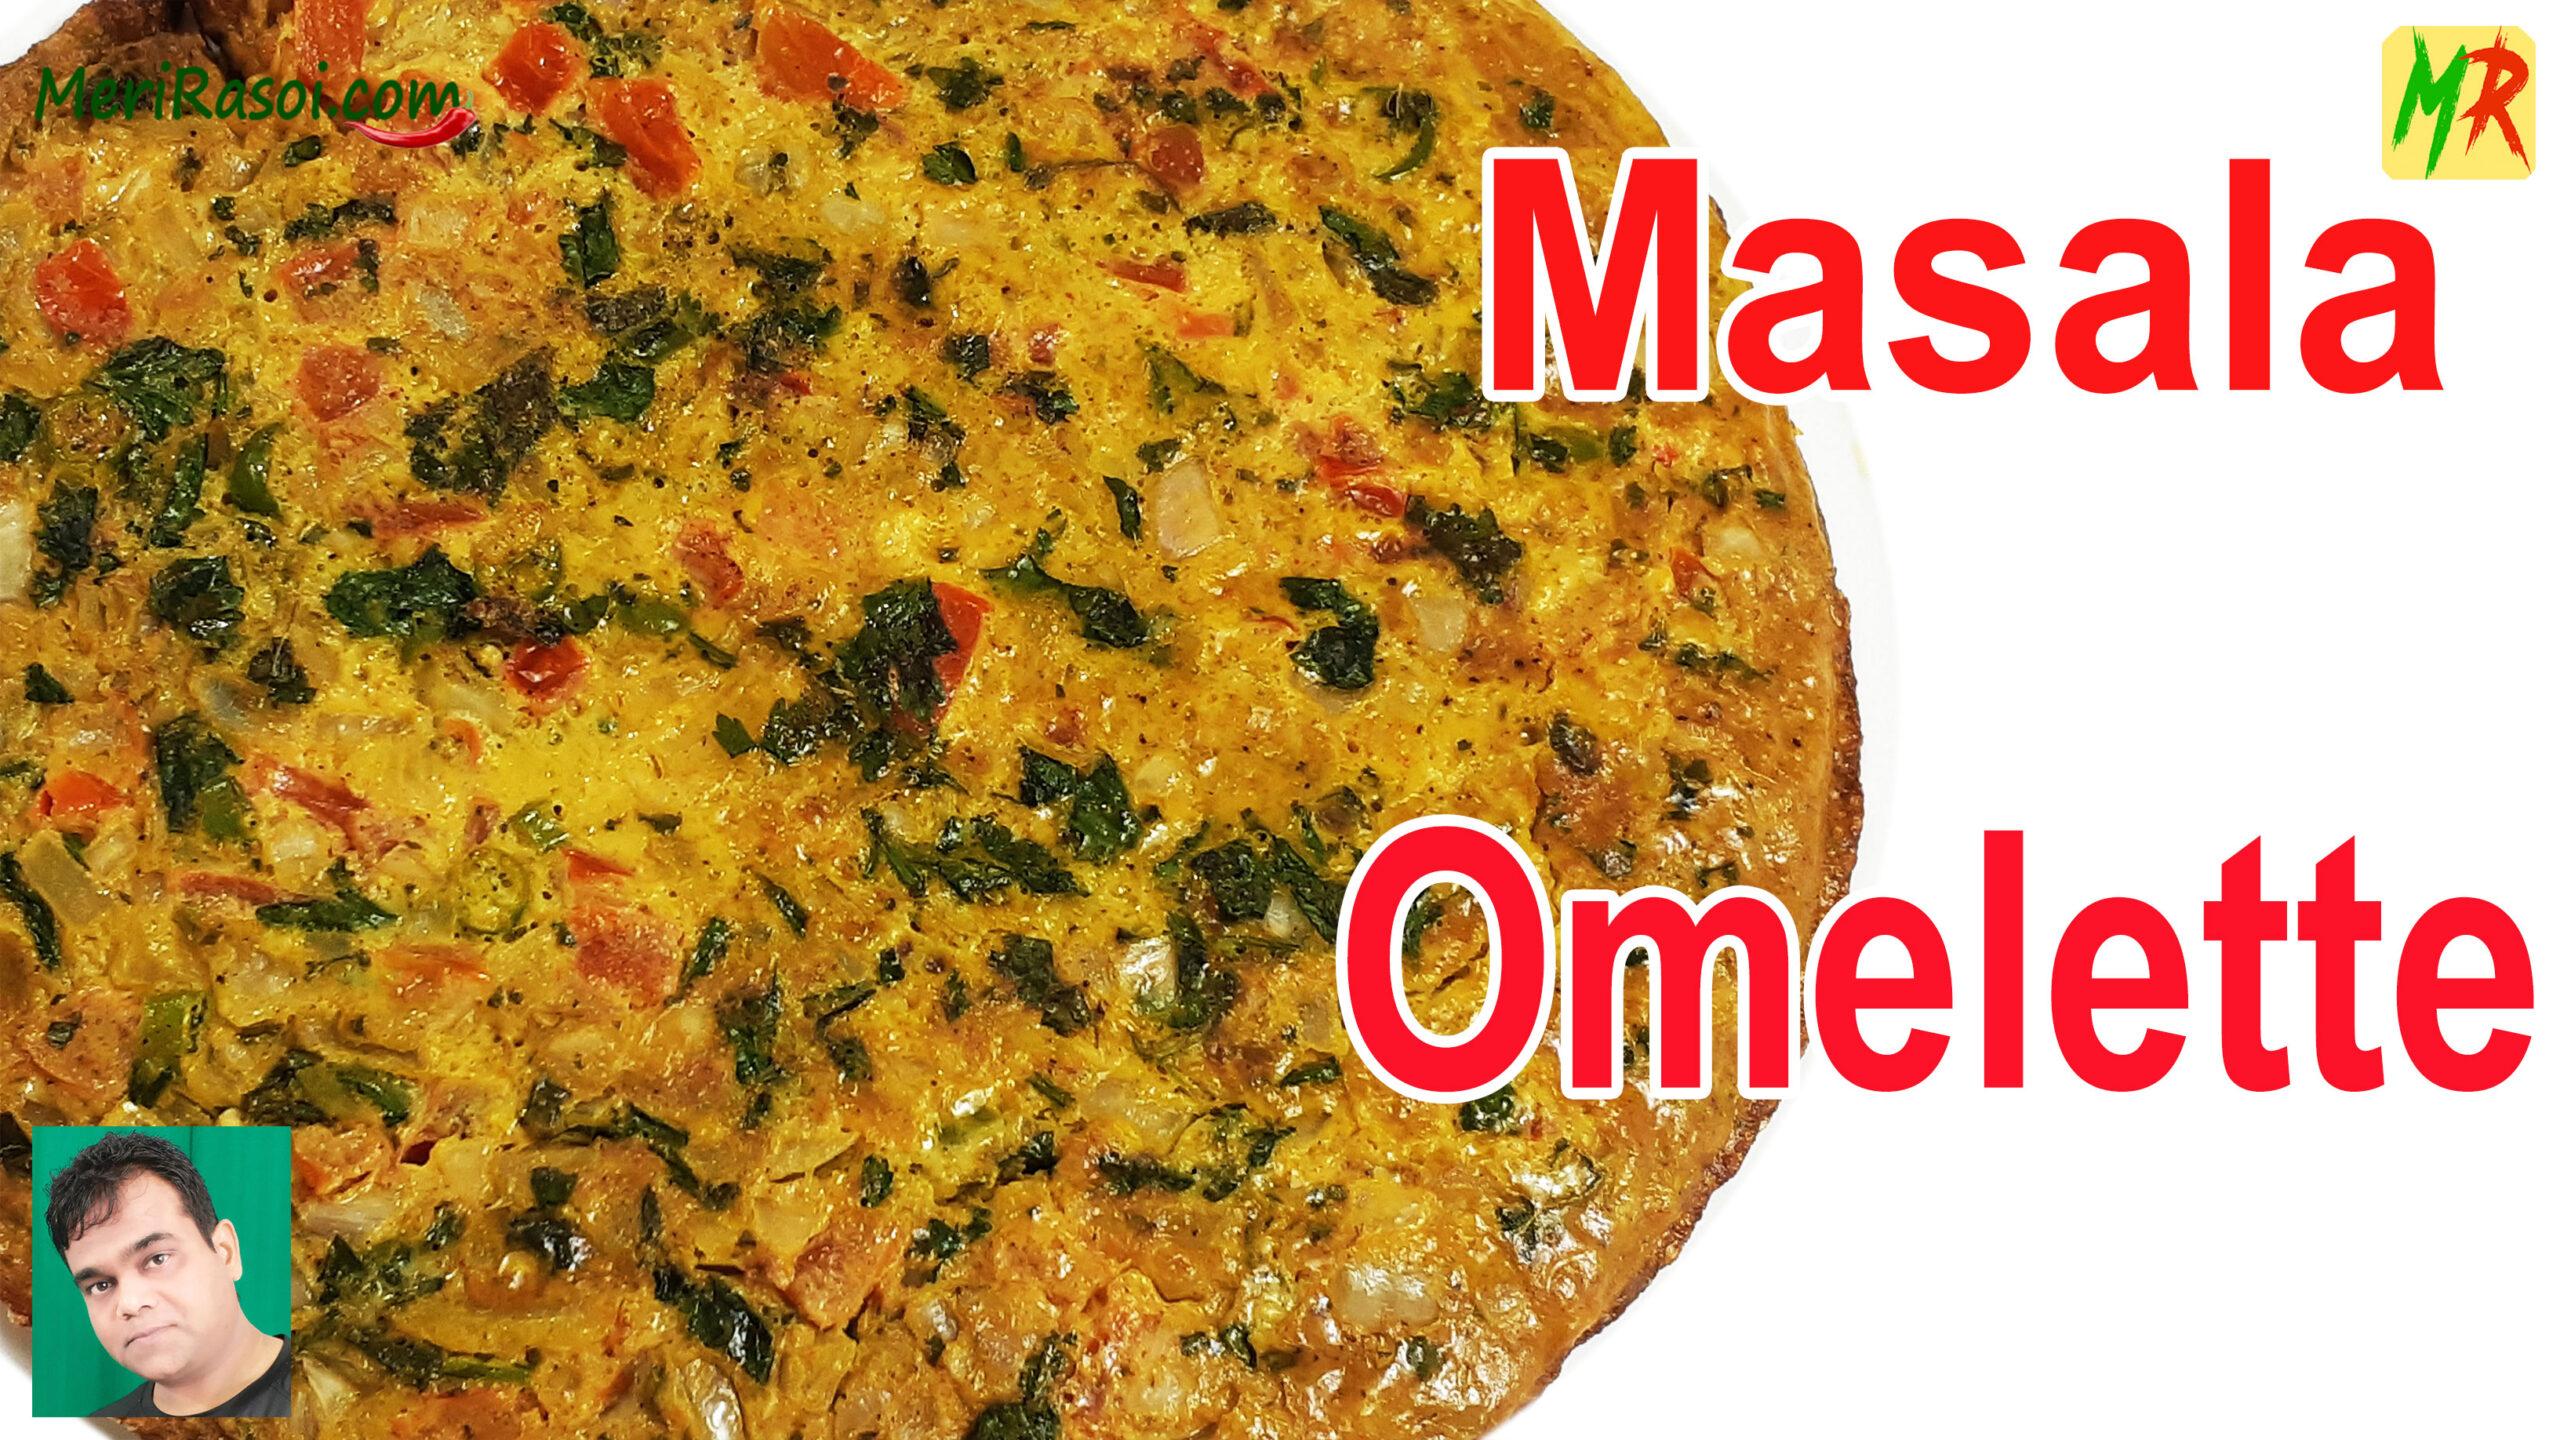 Indian Masala Omelette Recipe | Spicy Omelets Recipe | नार्मल आमलेट से हो बोर तो बनाइये मसाला आमलेट